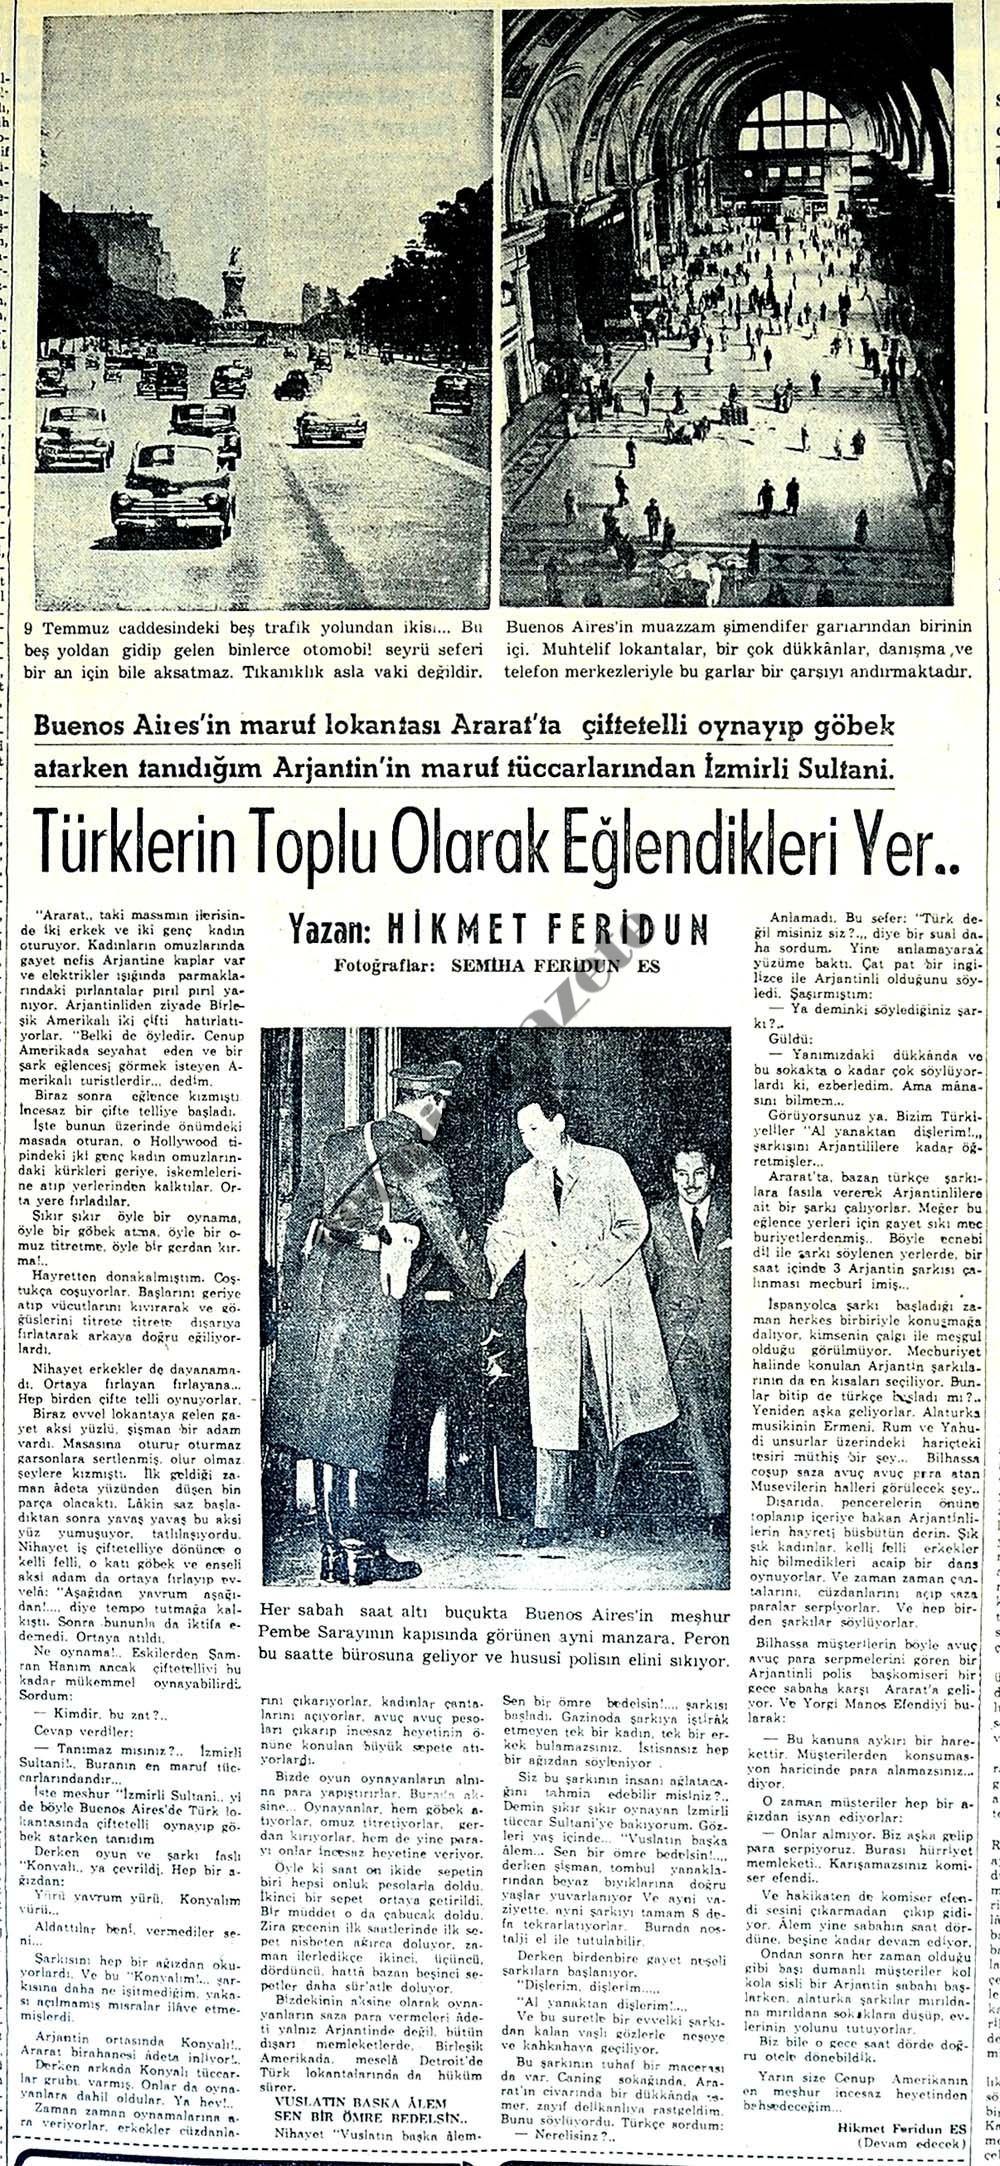 Türklerin Toplu Olarak Eğlendikleri Yer